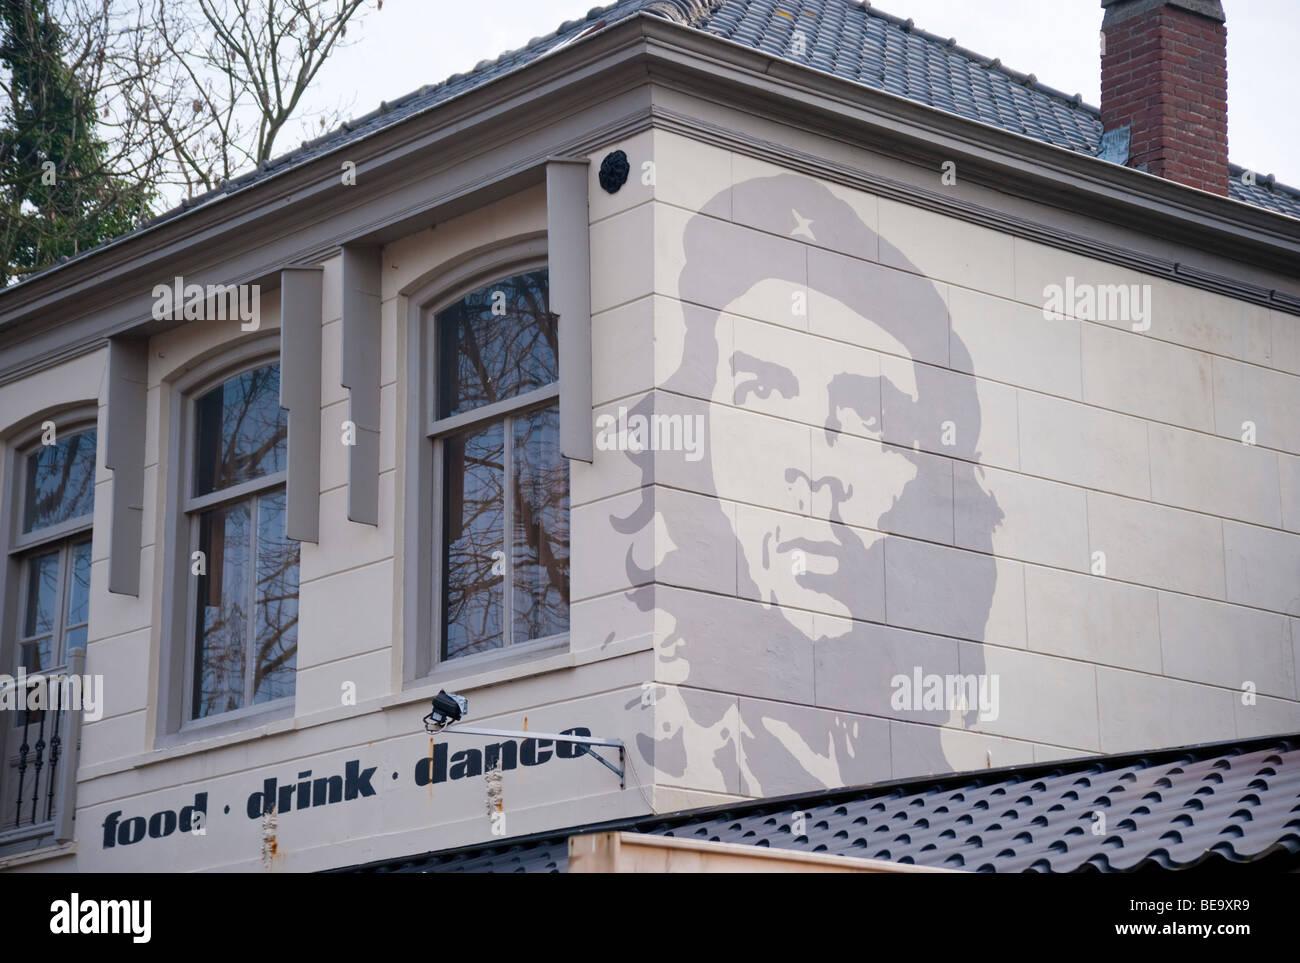 Ein Bild von Che Guevara an der Fassade eines Balkens an der niederländischen Nordsee Urlaub Stadt von Renesse. Stockbild